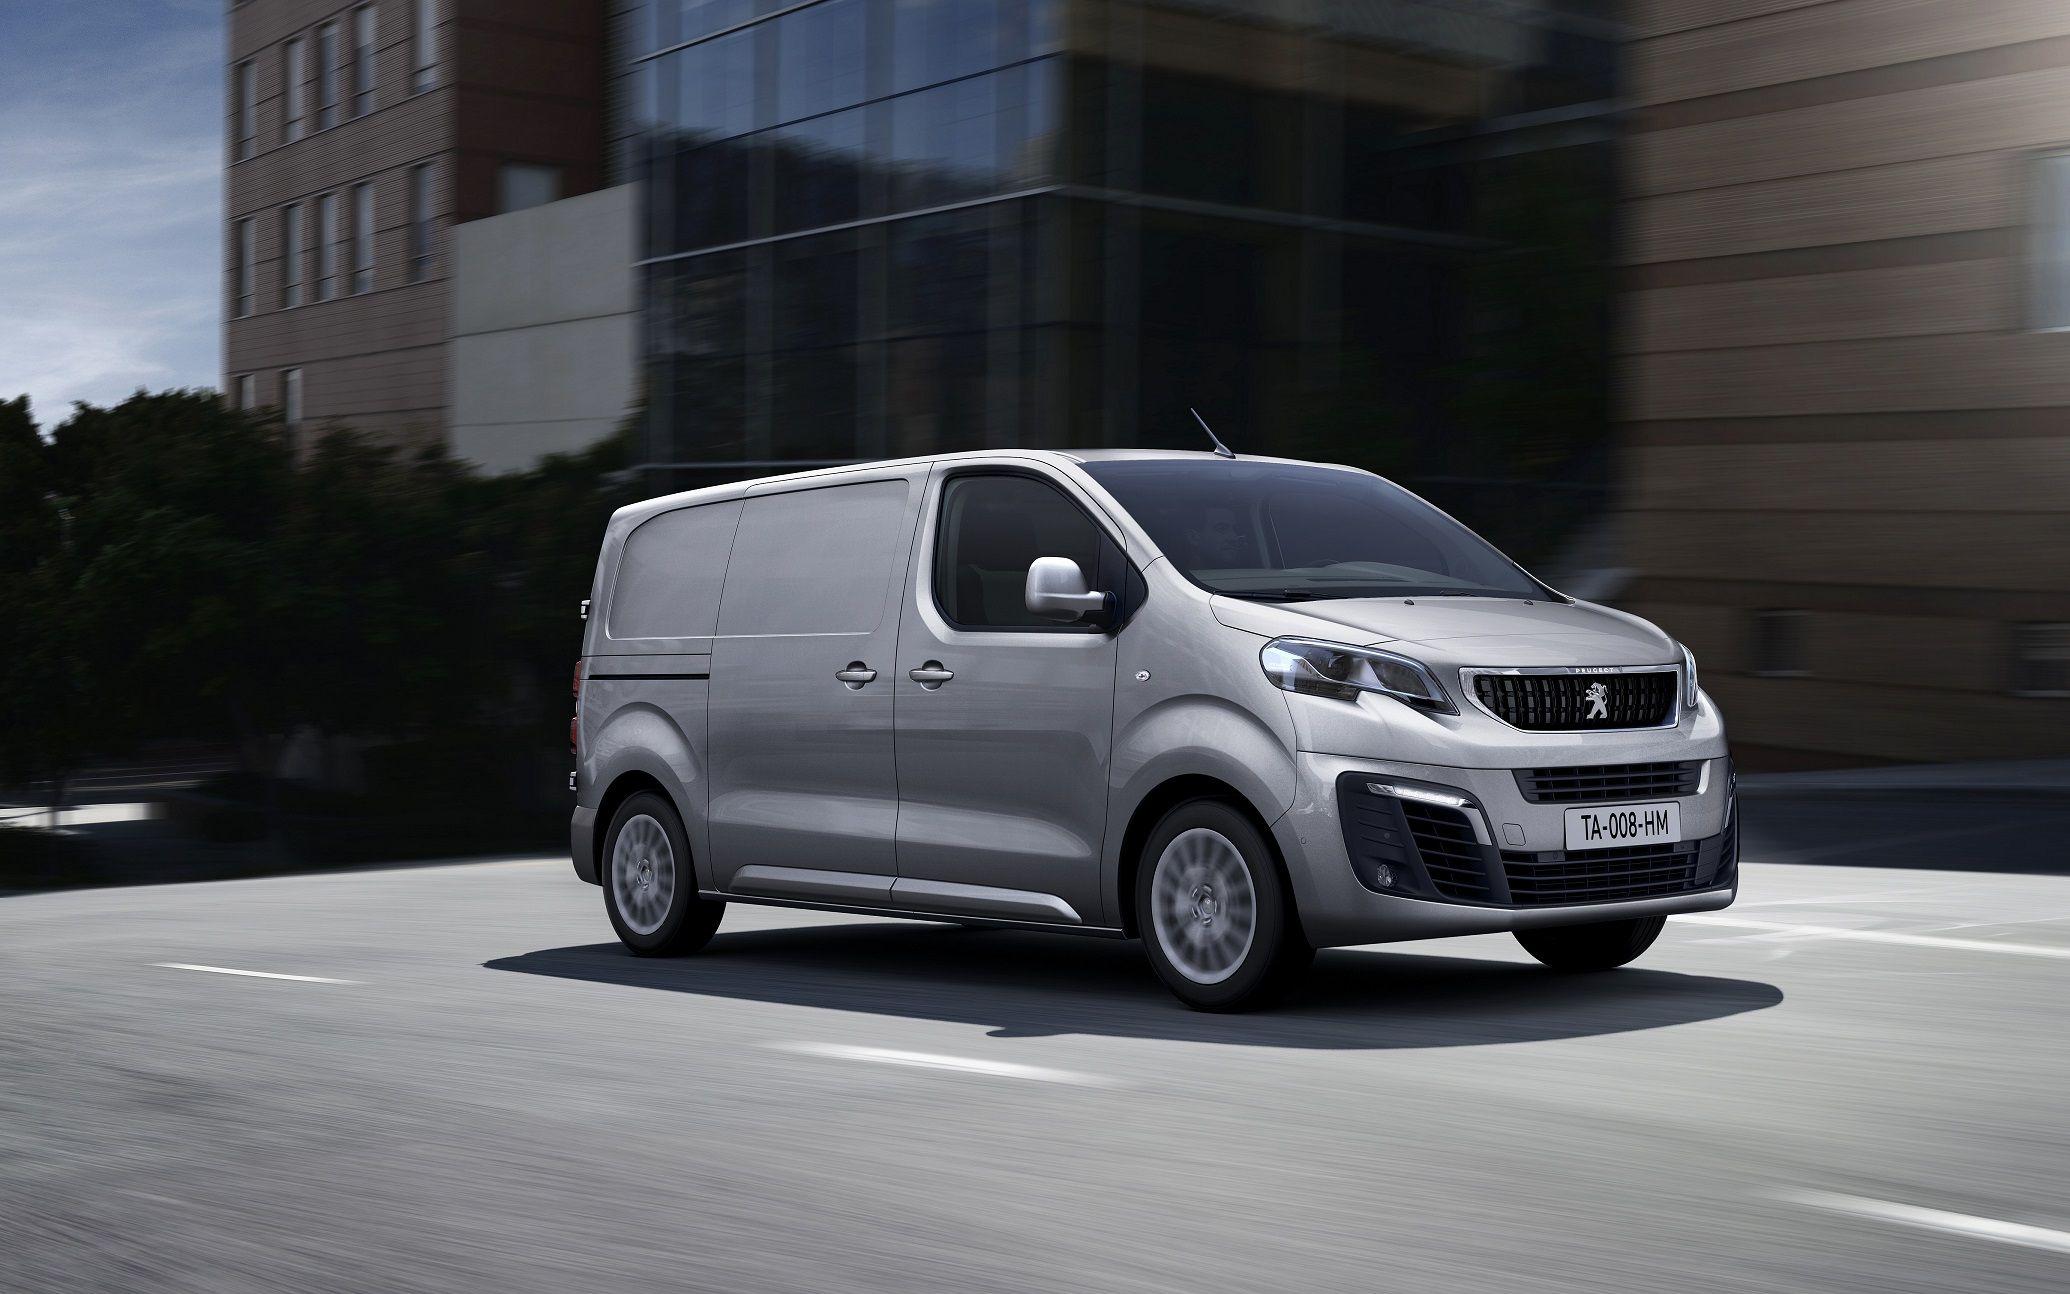 """Vuelven """"Los 4 Días Peugeot Profesional"""": ofertas irrepetibles especialmente pensadas para autónomos y empresas"""